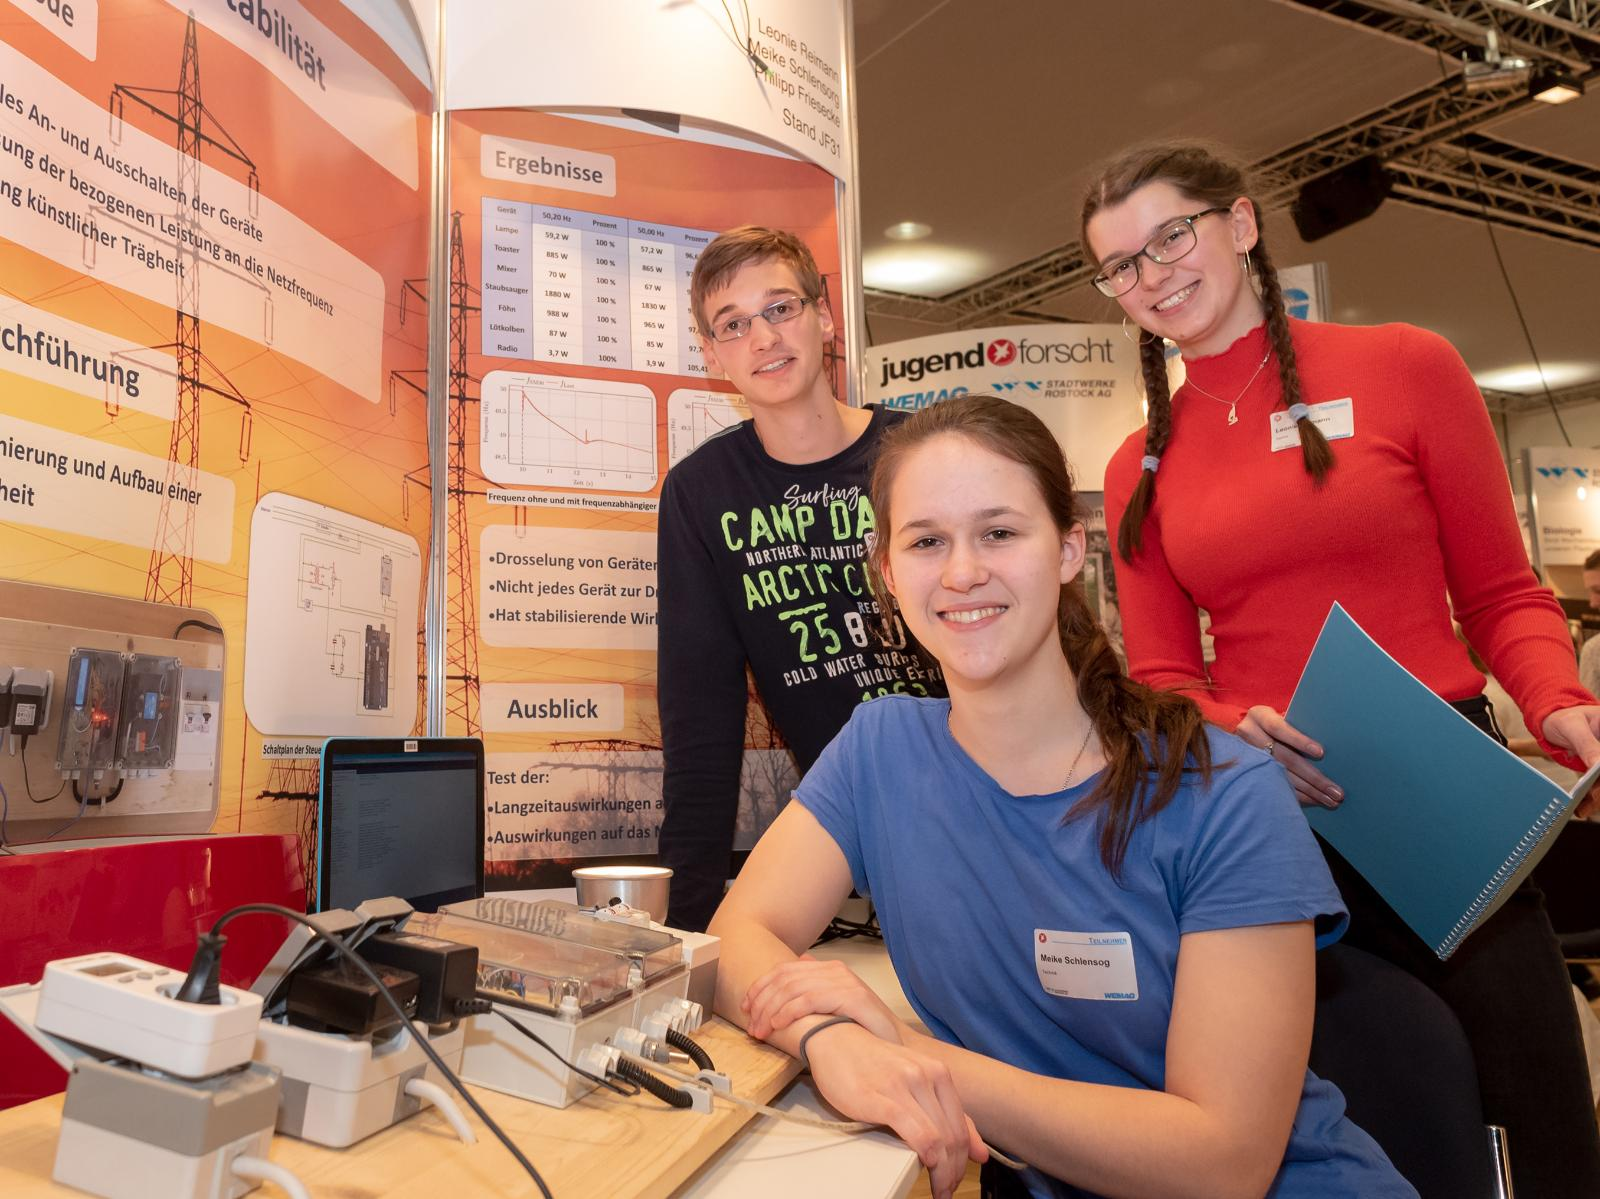 """Meike Schlensorg (vorne), Philipp Friesecke und Leonie Reimann hatten sich des Themas """"Netzstabilität"""" angenommen. Foto: Georg Scharnweber"""